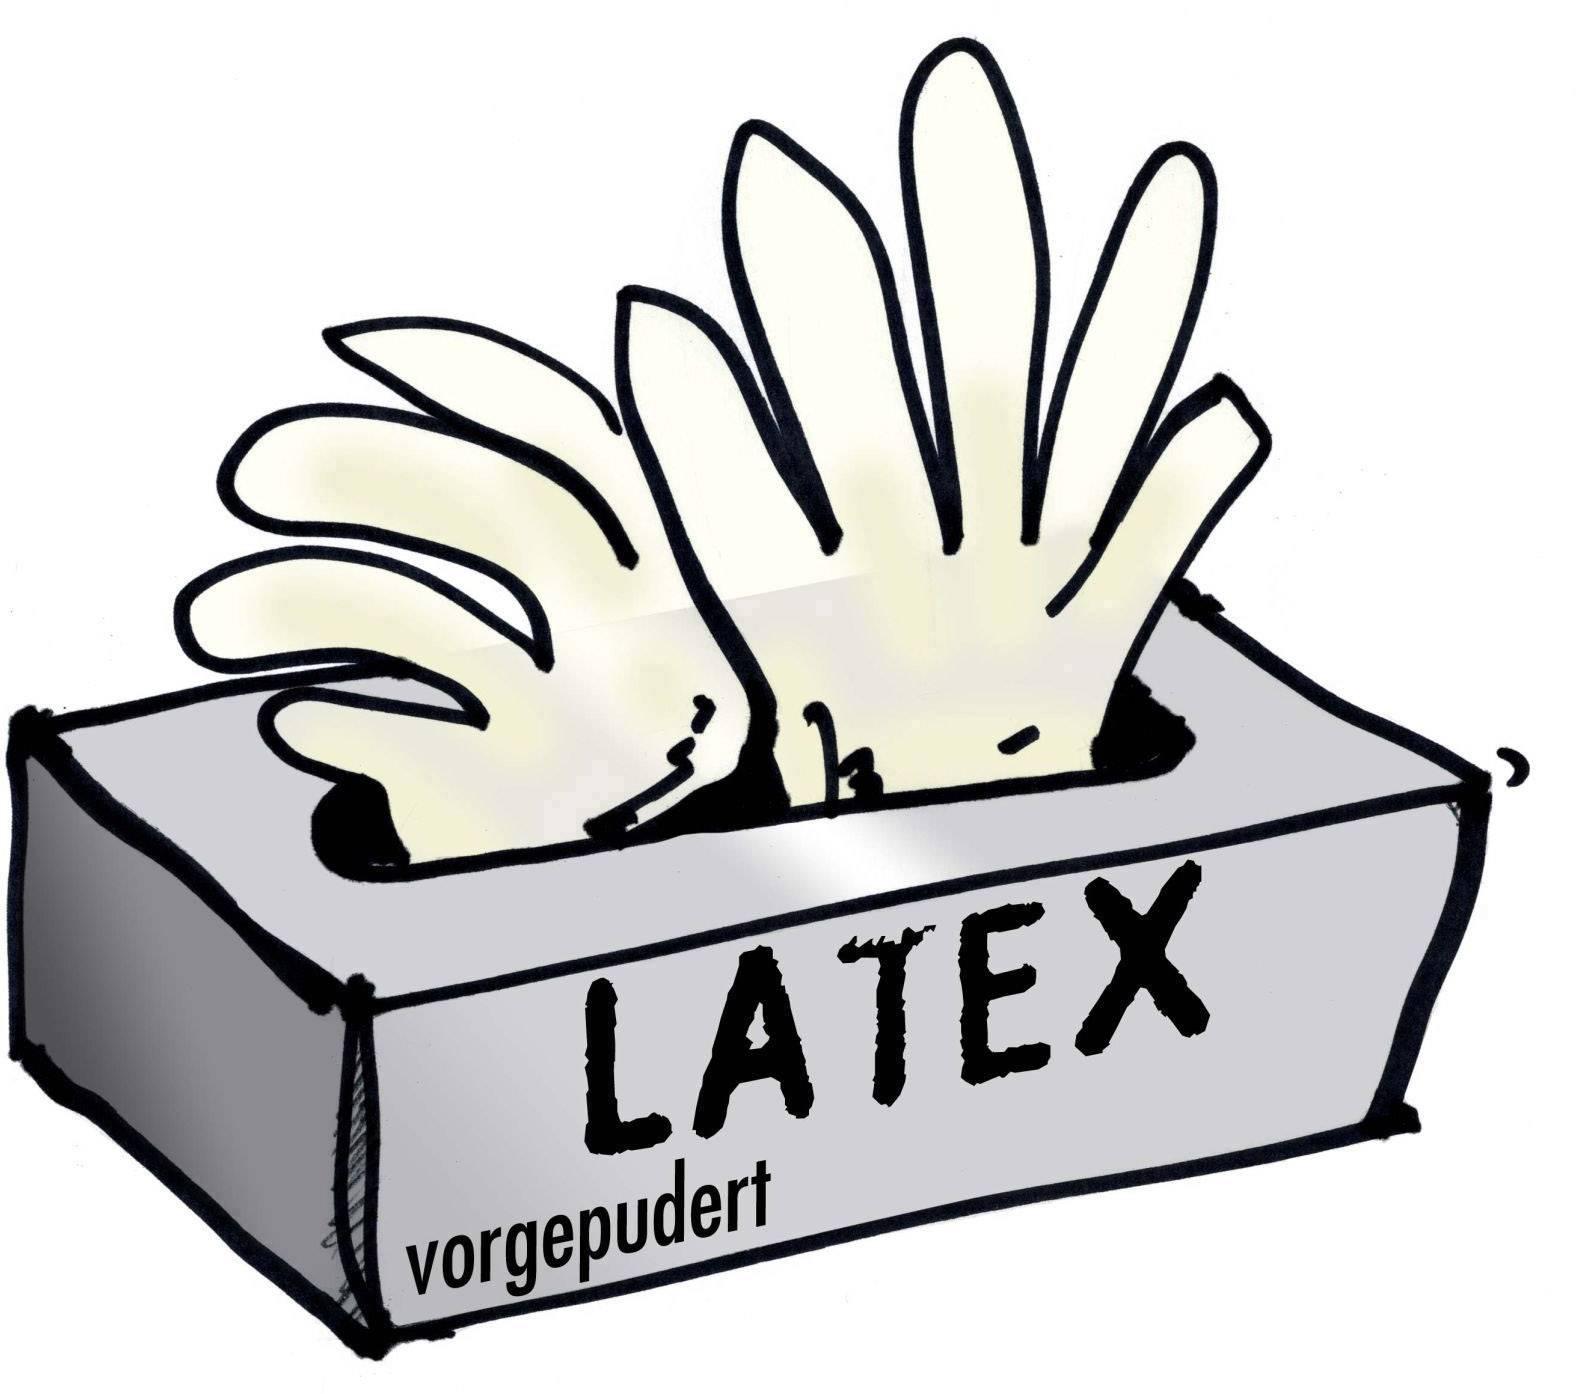 Rukavice latexové, jedorázové, předlisované,100 cm, oranžové